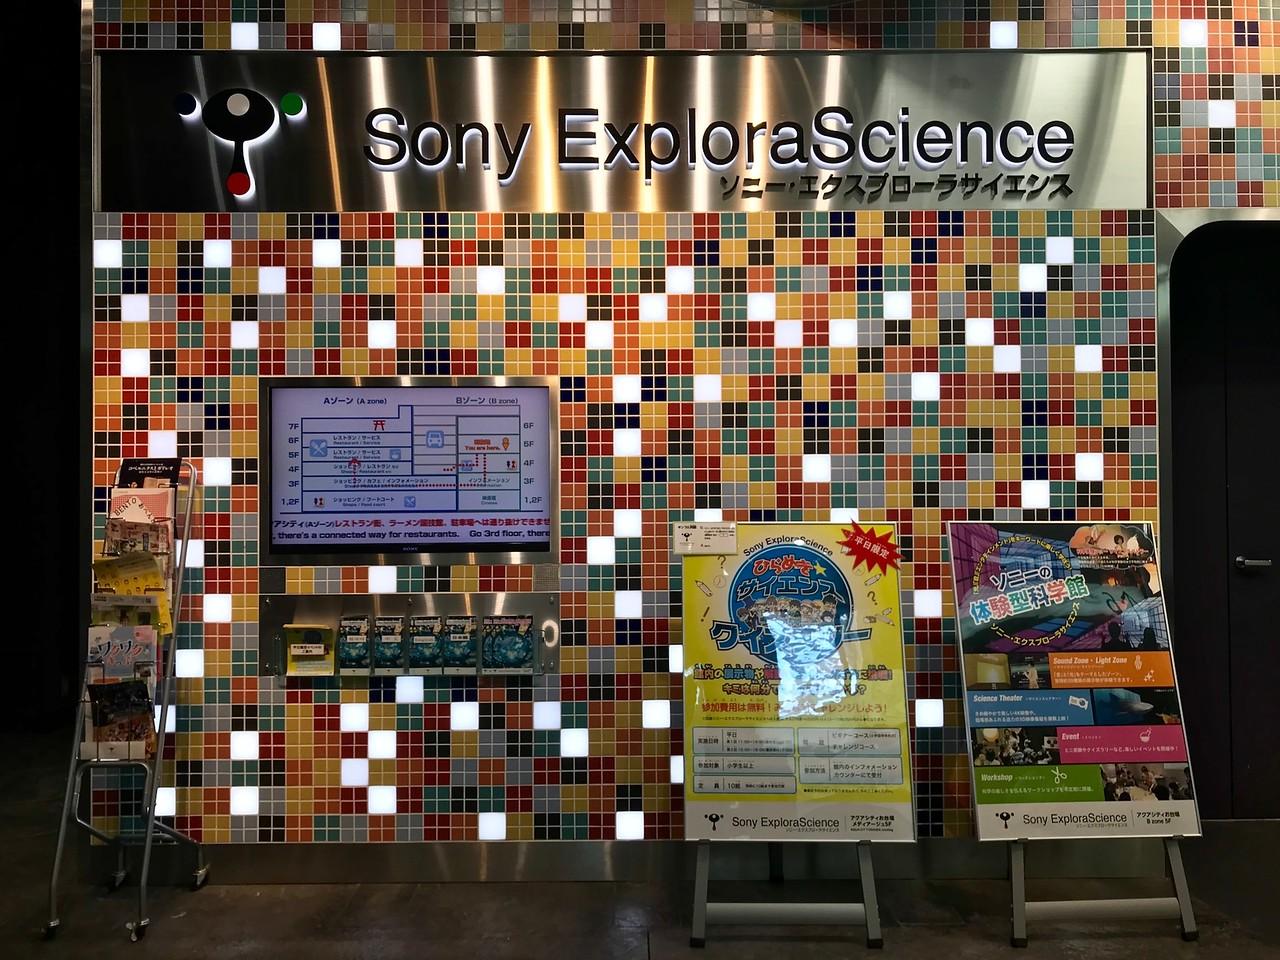 Sony ExploraScience